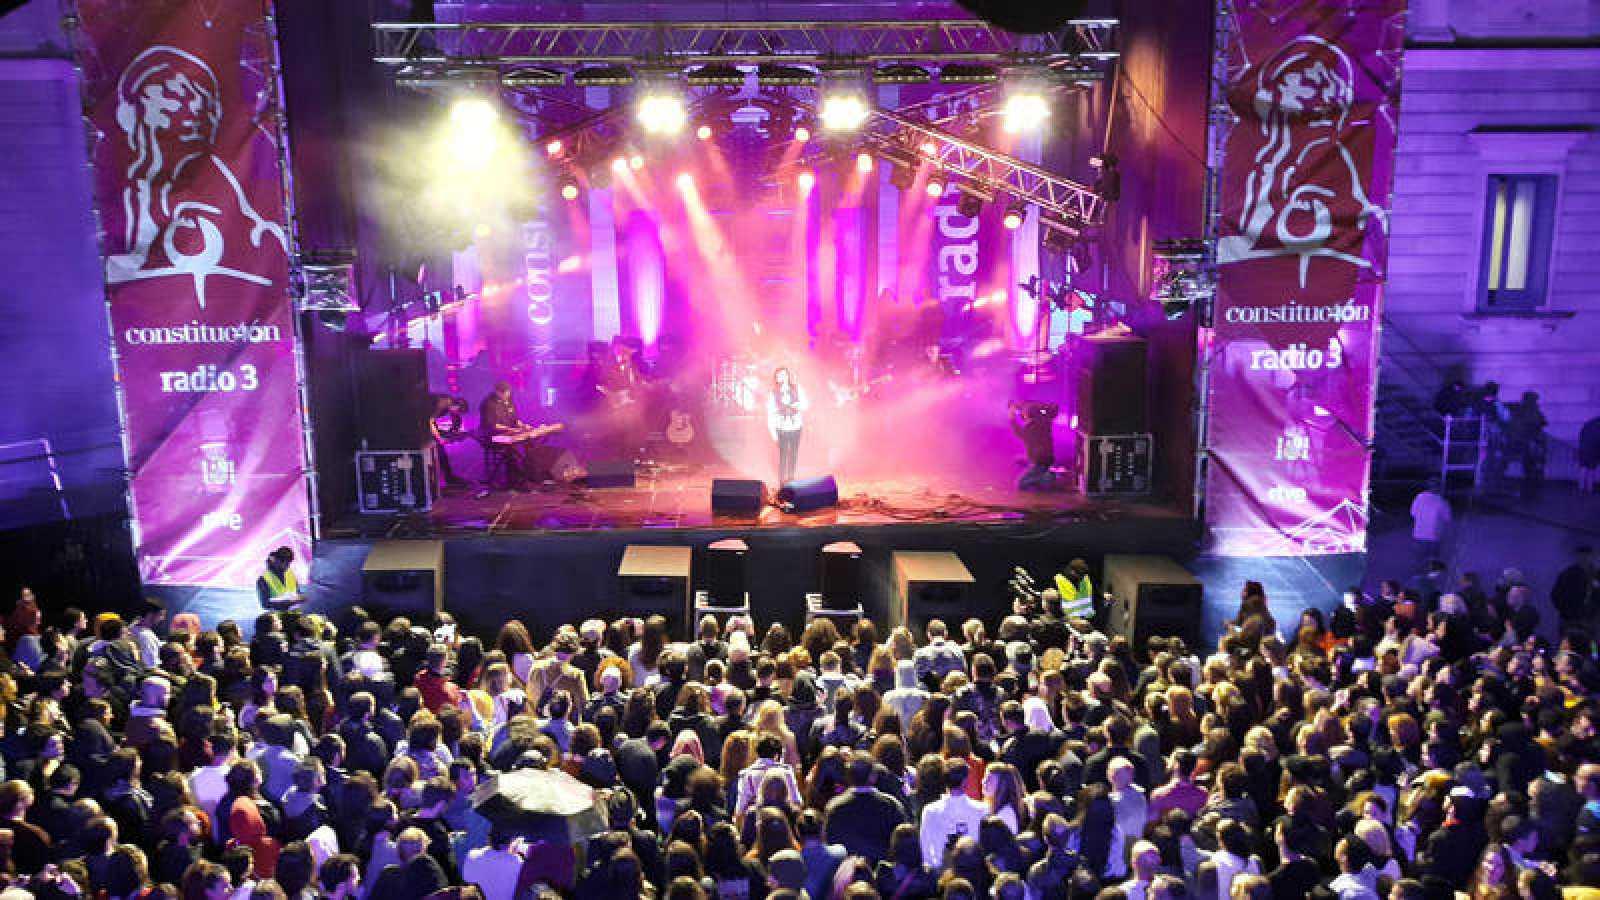 18.000 Personas Asistieron Al Concierto De Radio 3 De RTVE